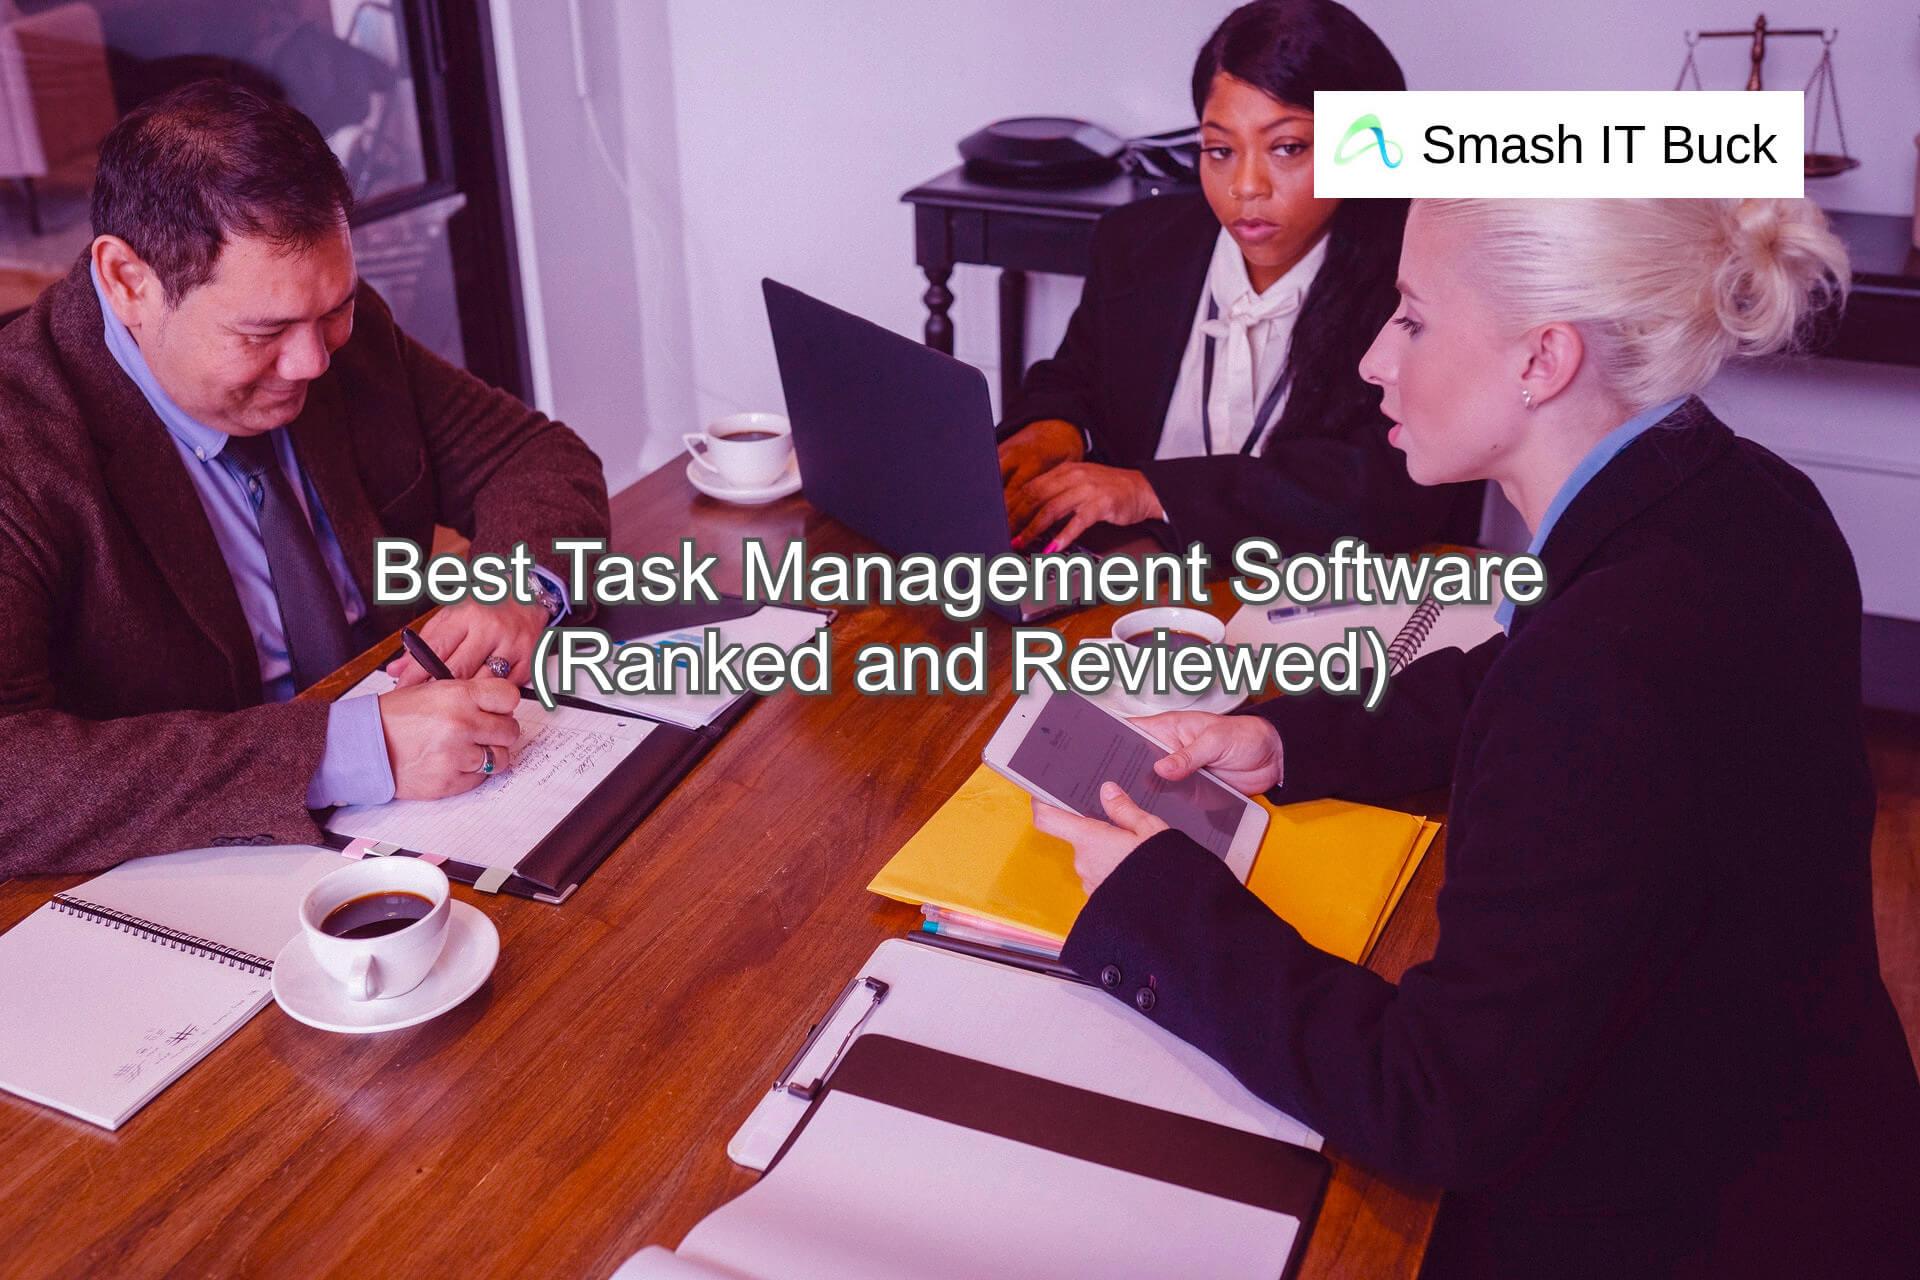 Best Task Management Software of 2021